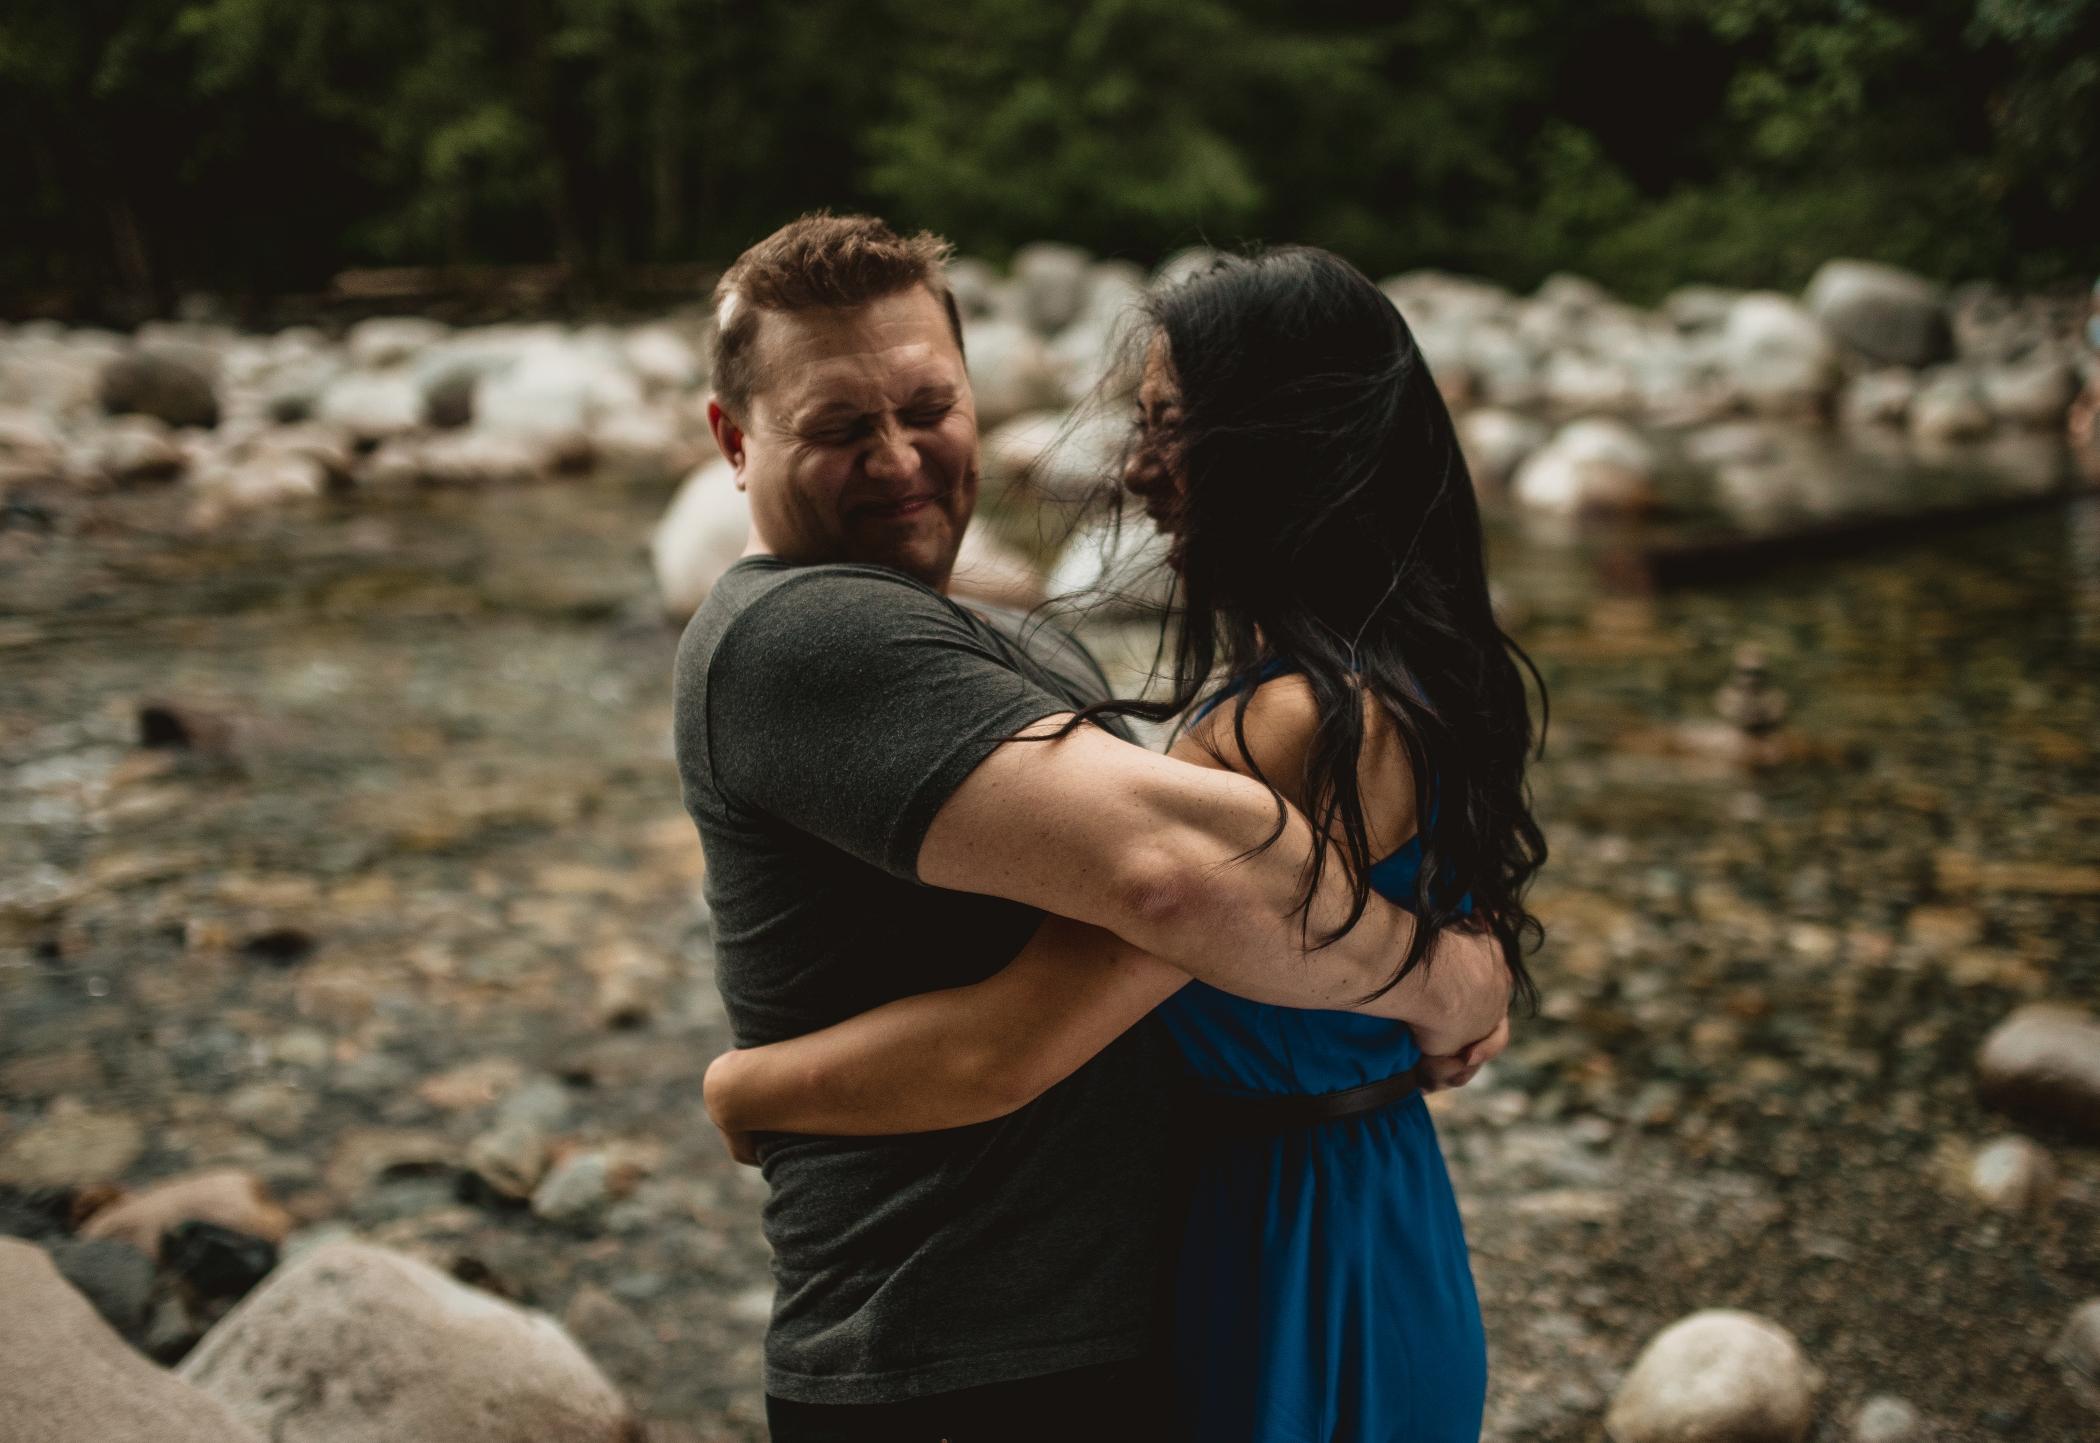 Wedding photographer Langley